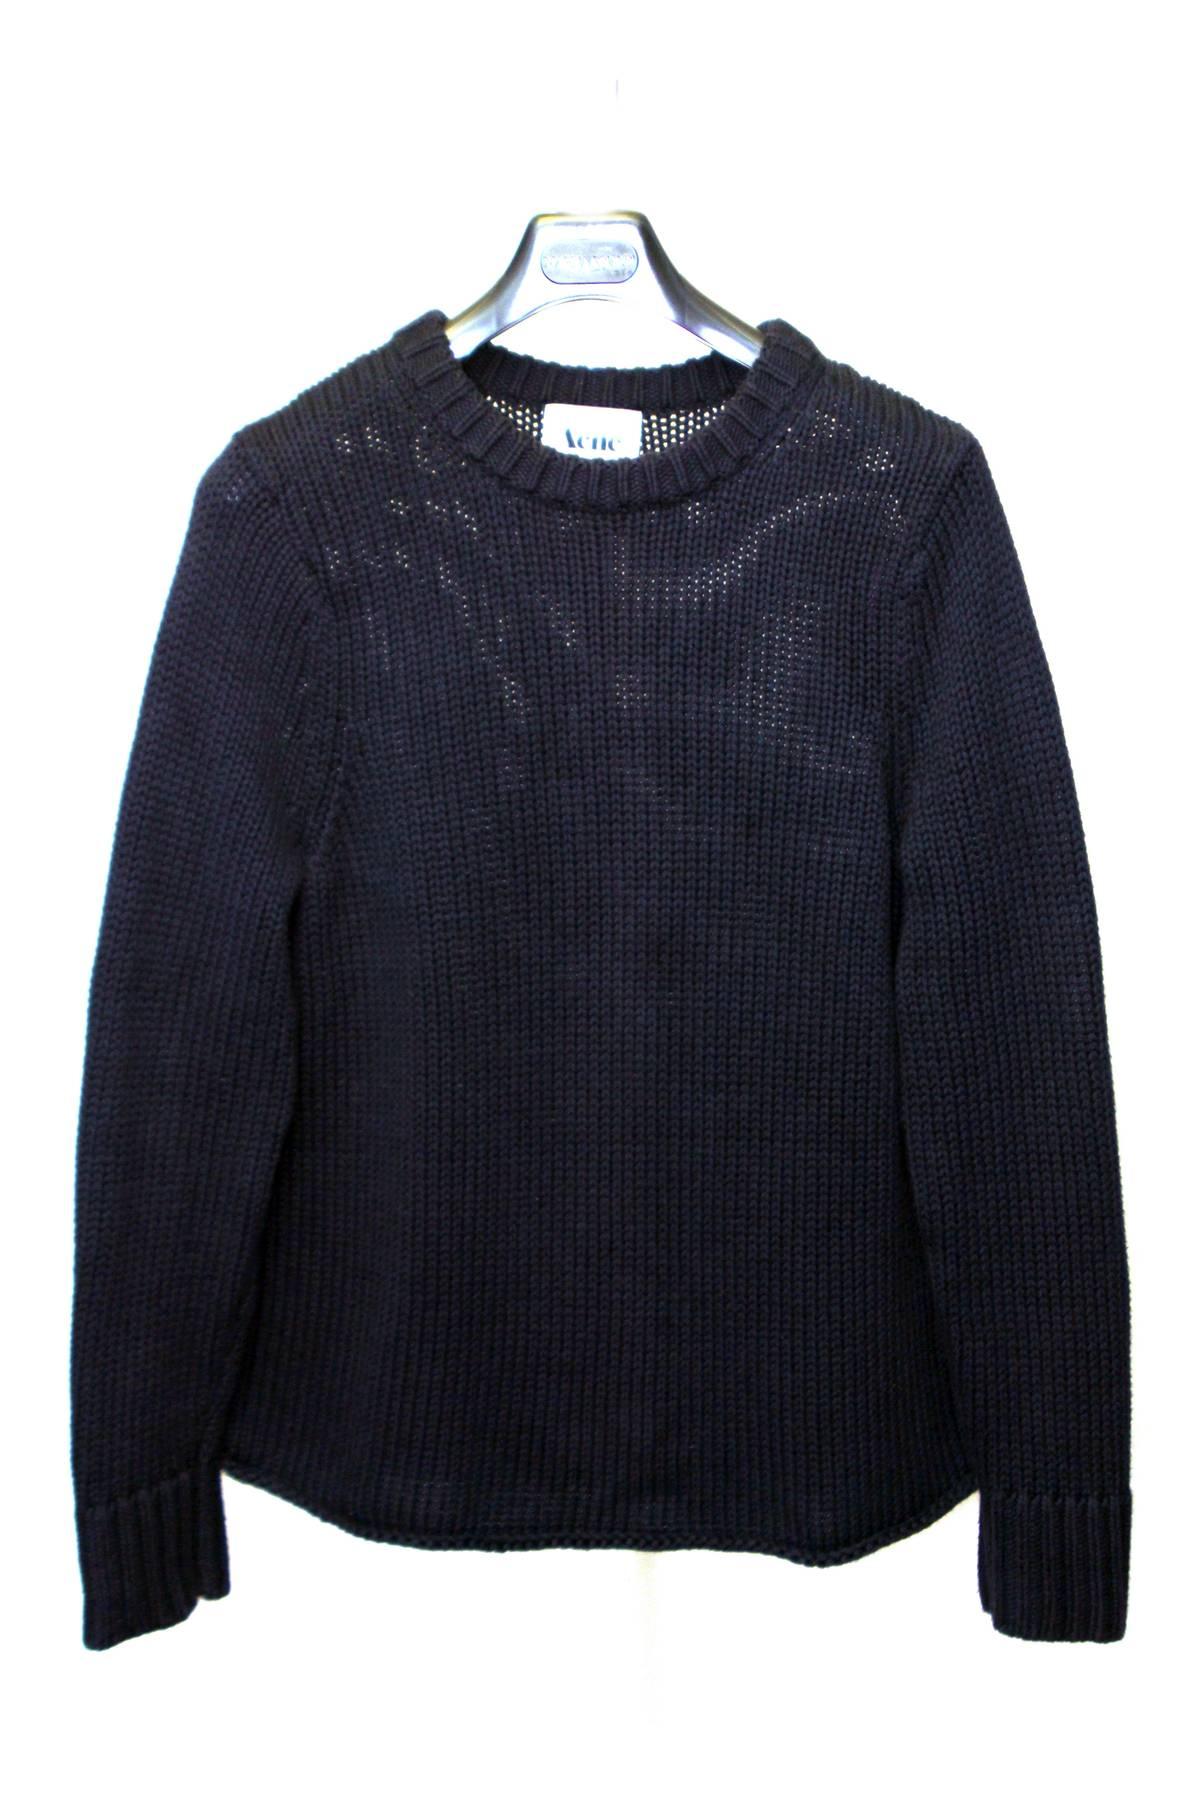 f513f8af06 Acne Studios. Helsinki Chunky Knit Navy Blue Sweater SS12. Size  US S ...